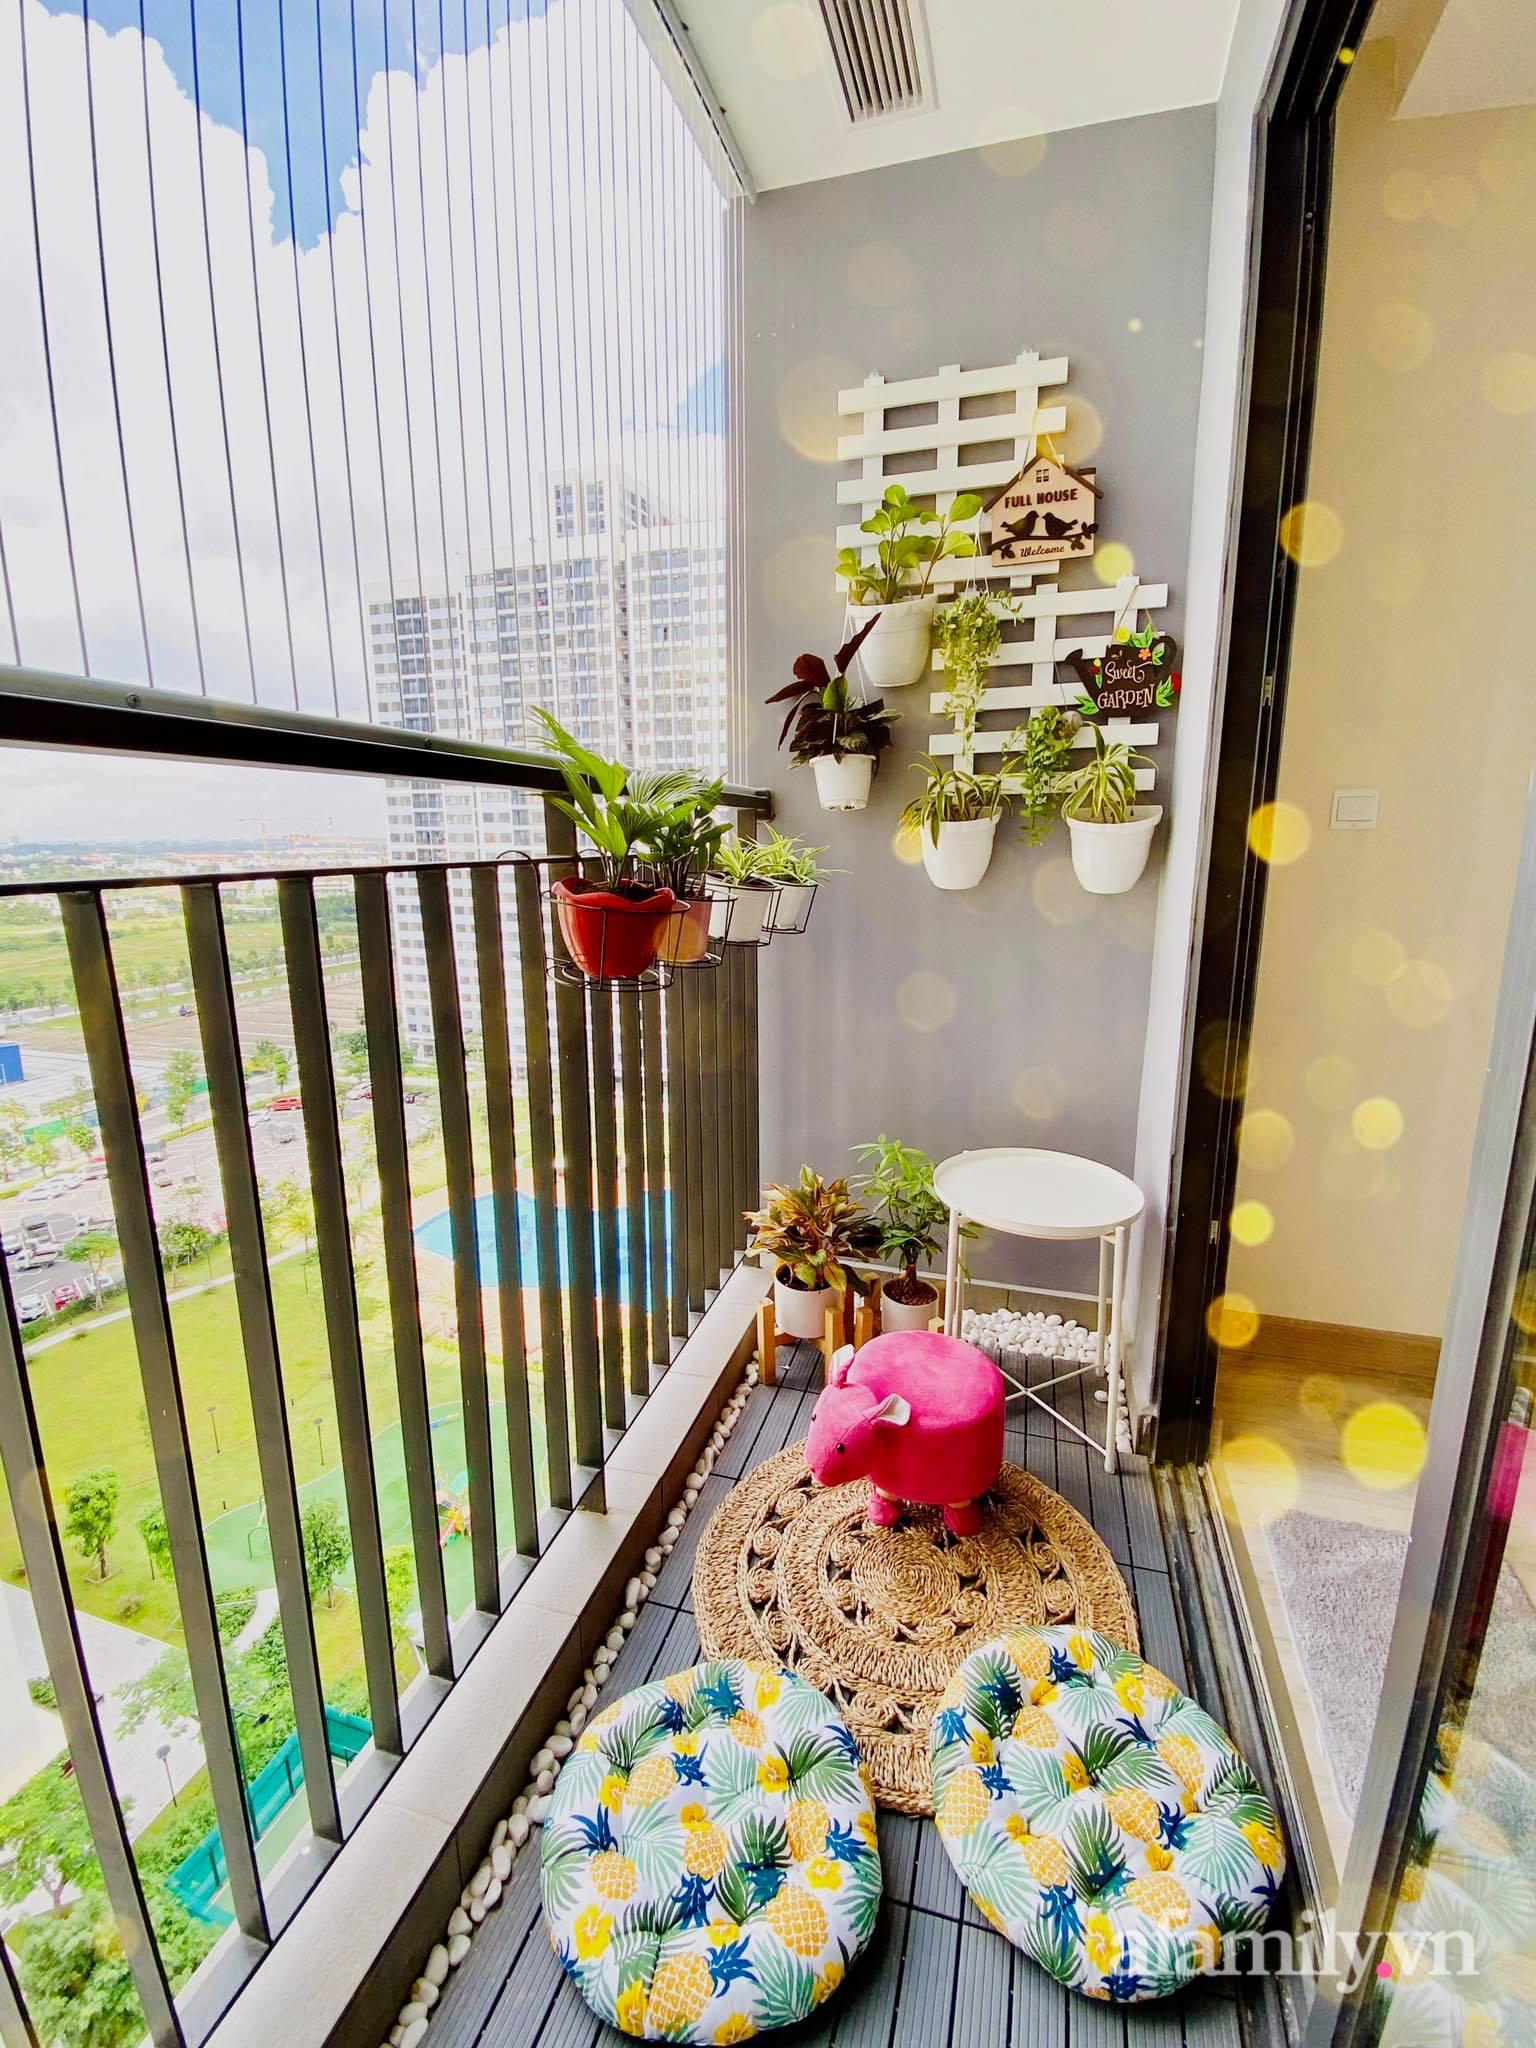 Căn hộ 55m² sang trọng đẳng cấp với phong cách Tân cổ điển có chi phí hoàn thiện nội thất 200 triệu đồng ở Sài Gòn - Ảnh 20.